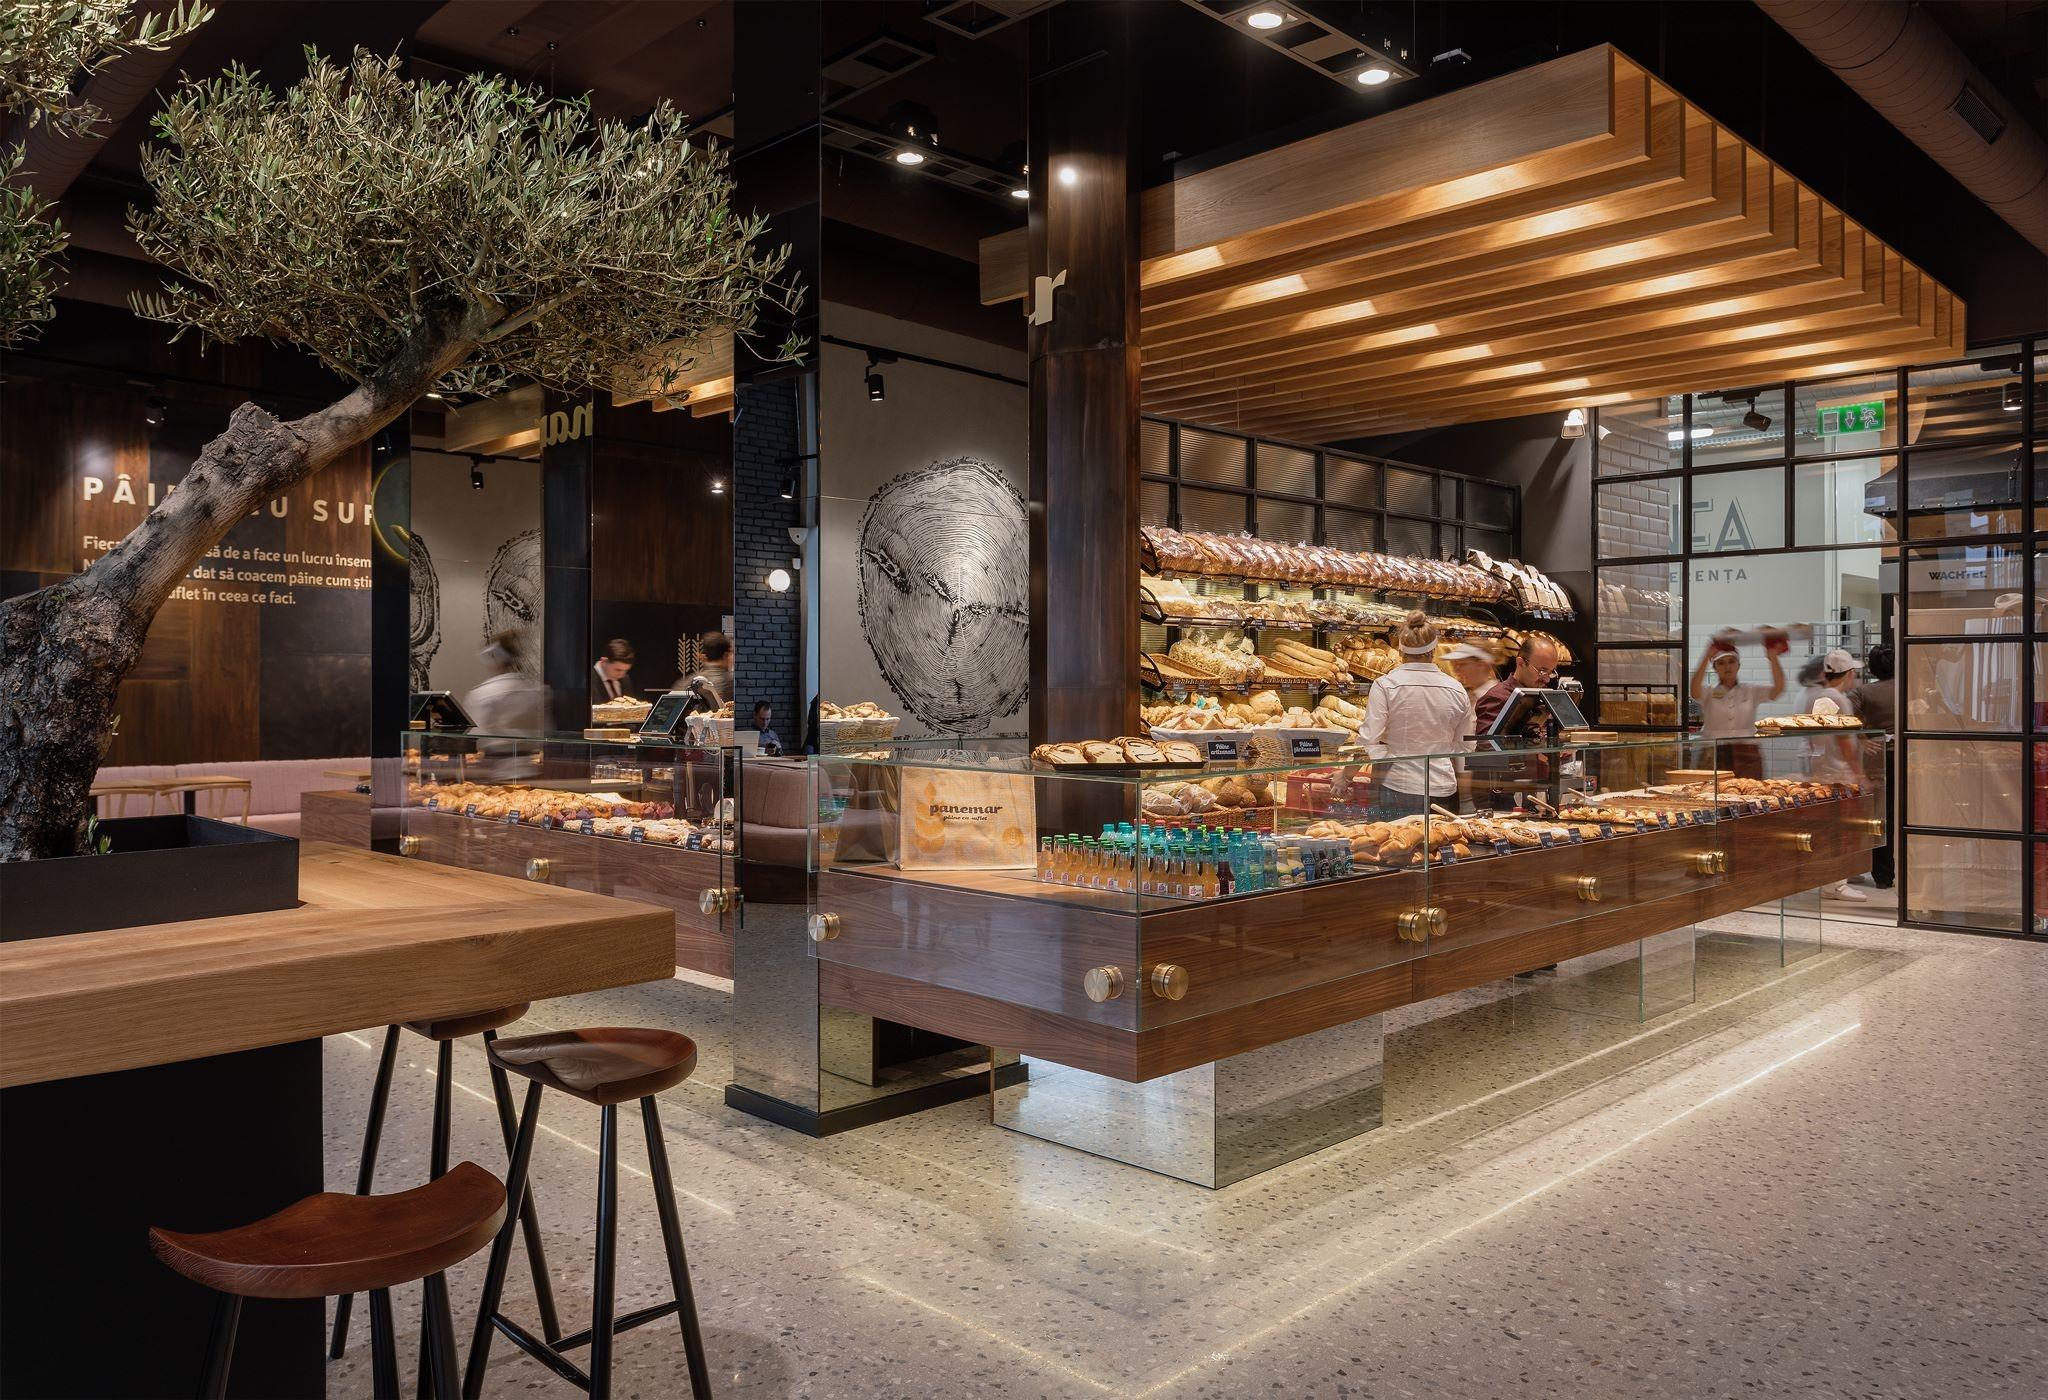 Panemar bakery in Oradea by Todor Cosmin & Team